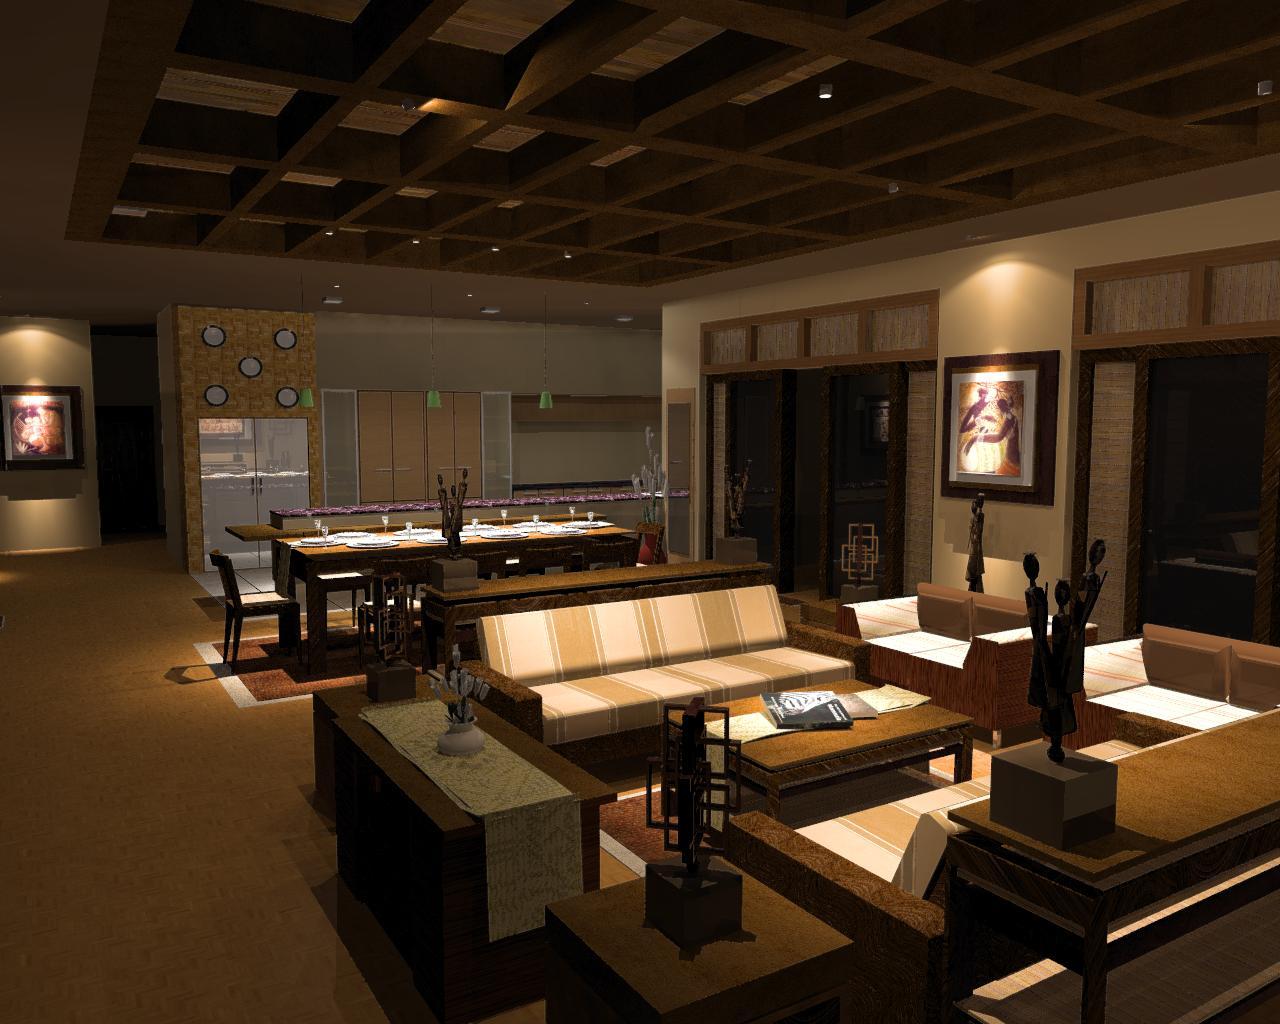 interior designing for living room renovations ideas dialux rendering lighting design | nestorlazarte rosales